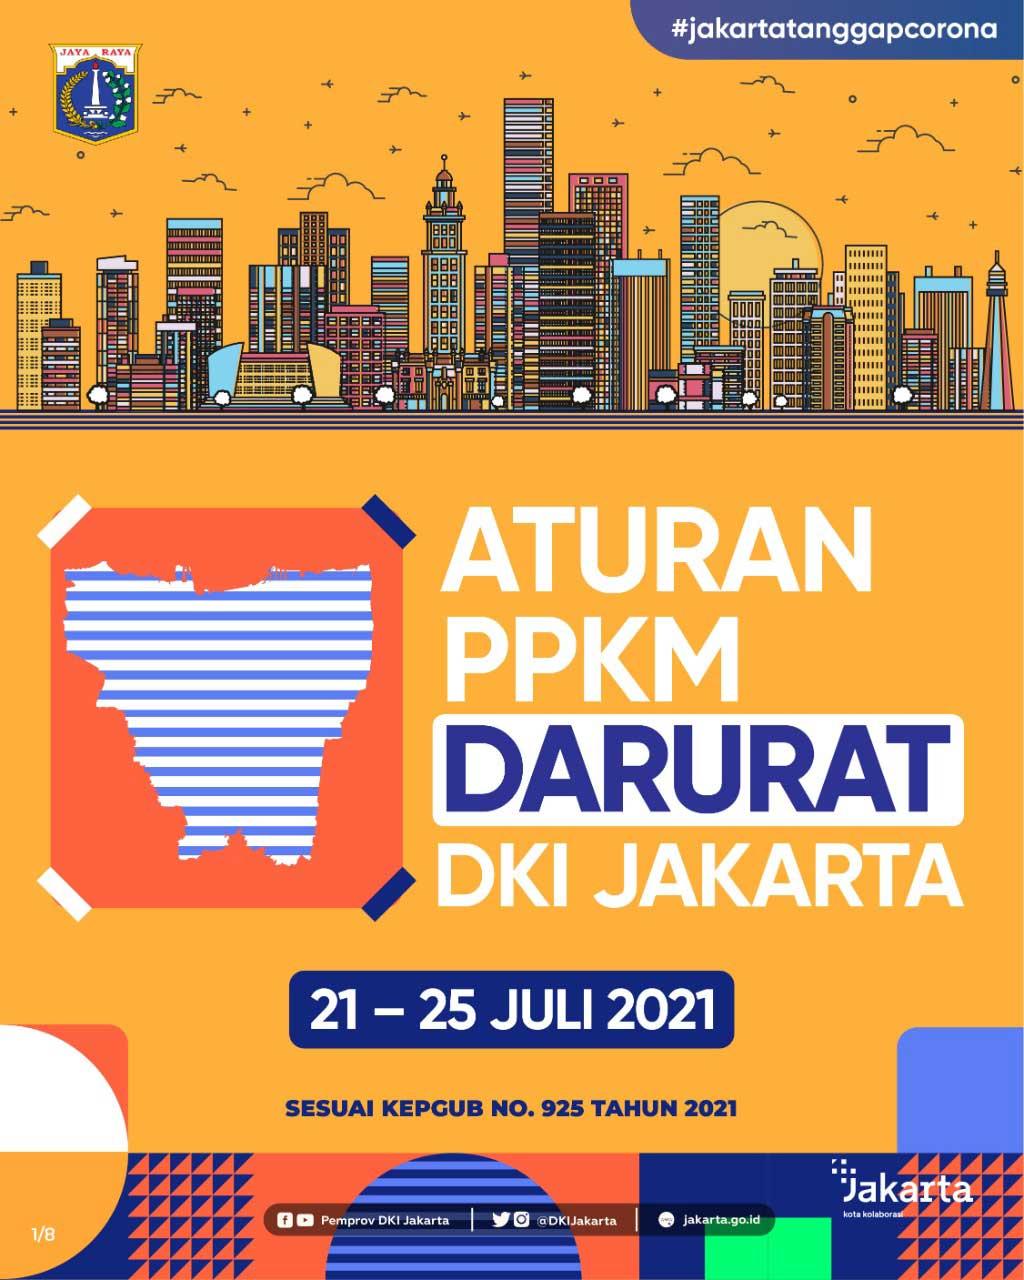 Aturan PPKM Darurat DKI Jakarta 21-25 Juli 2021 - Slide 1